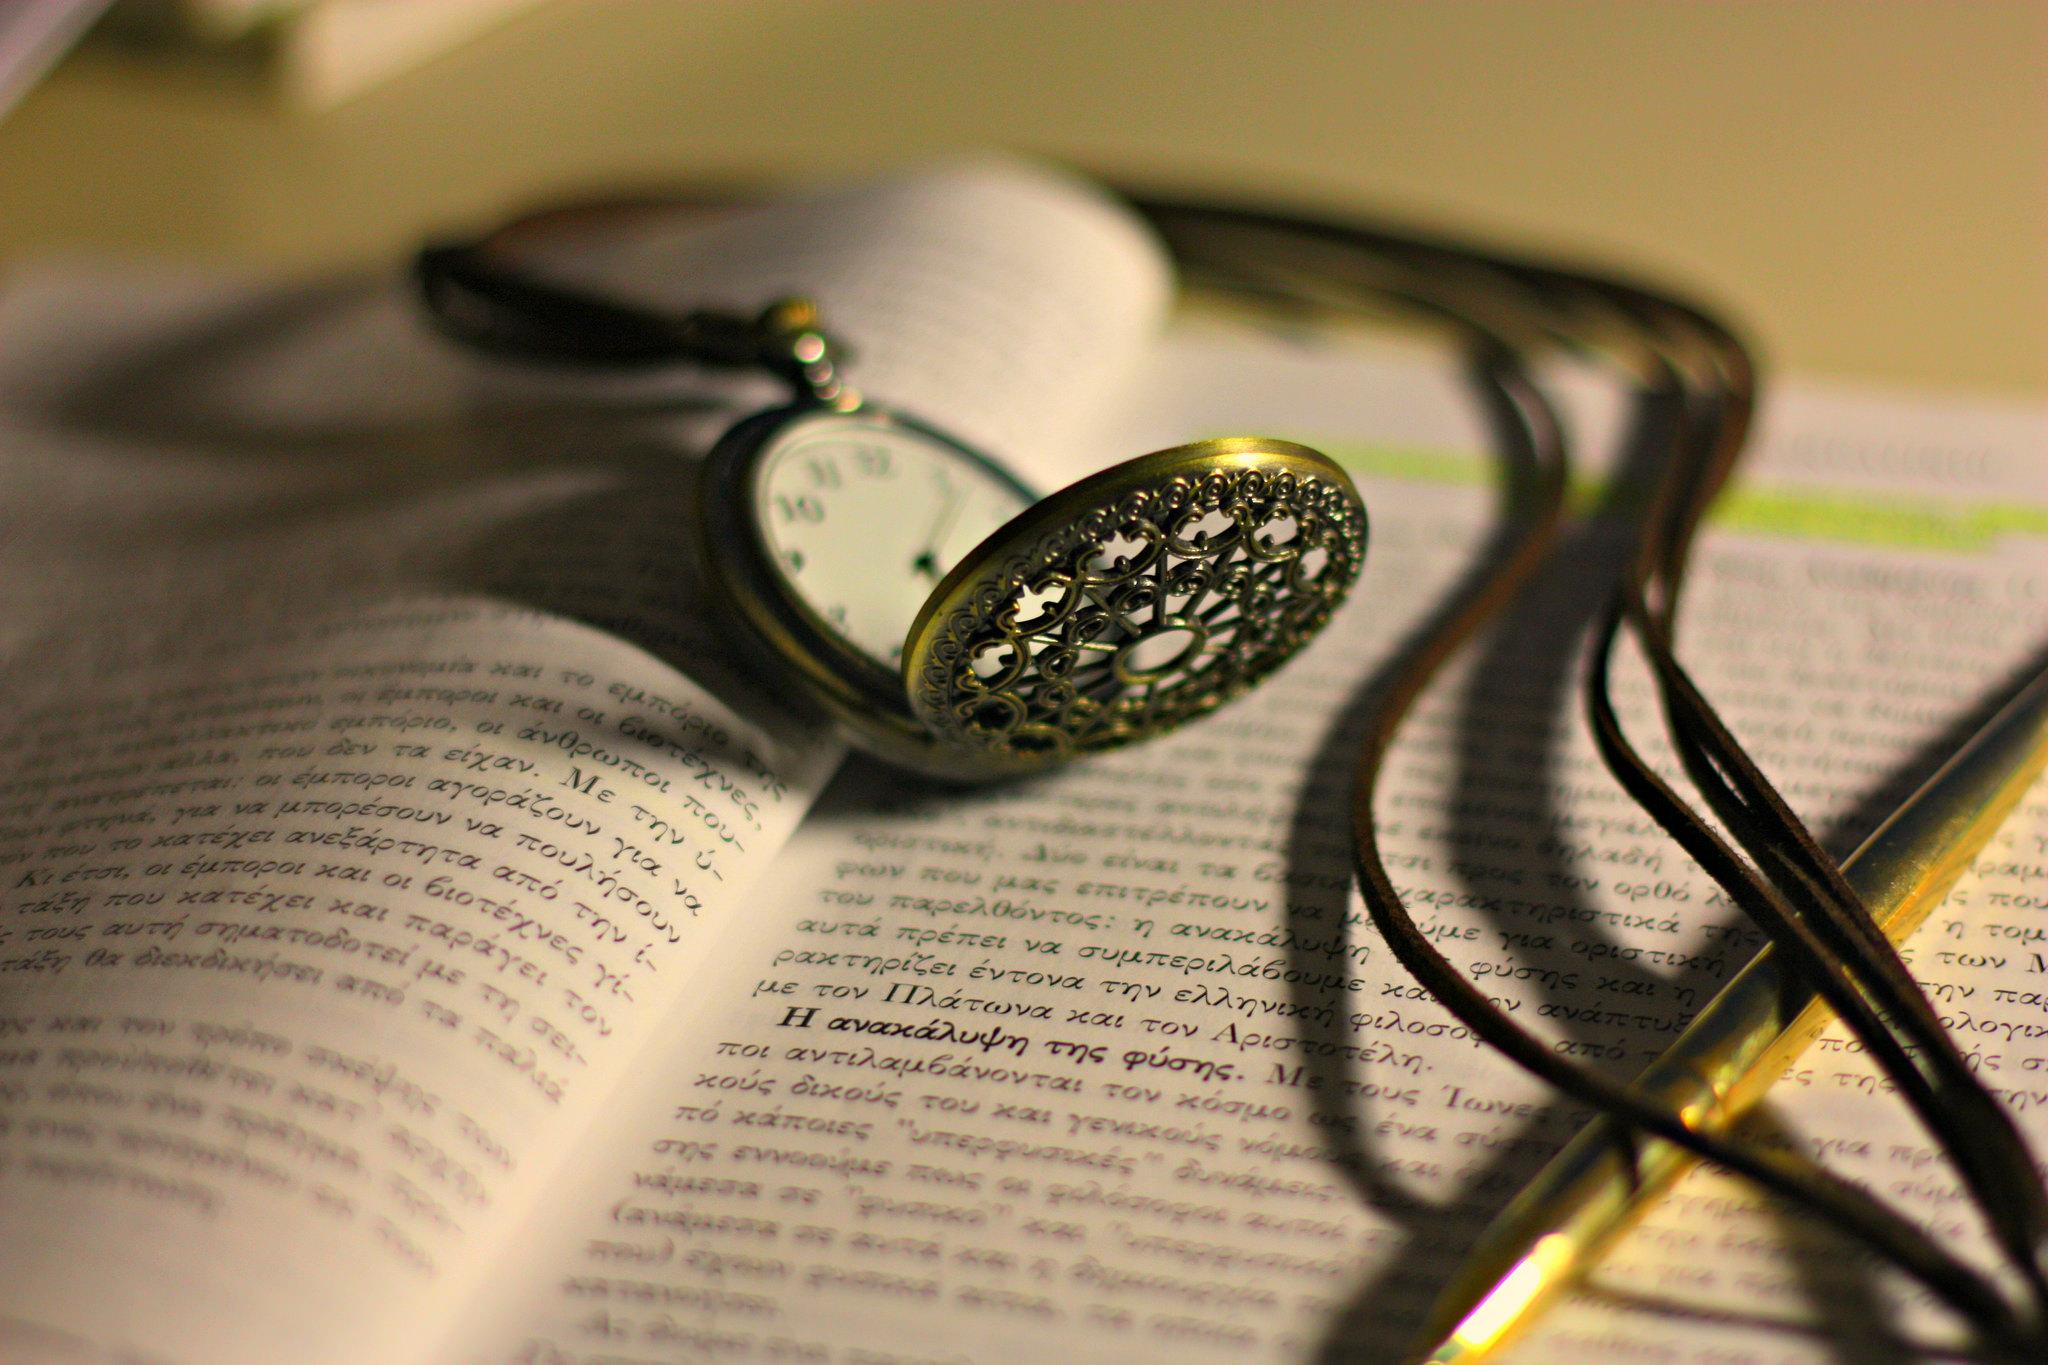 Modernkori Pató Pál Urak figyelmébe – A halogatás pszichológiája